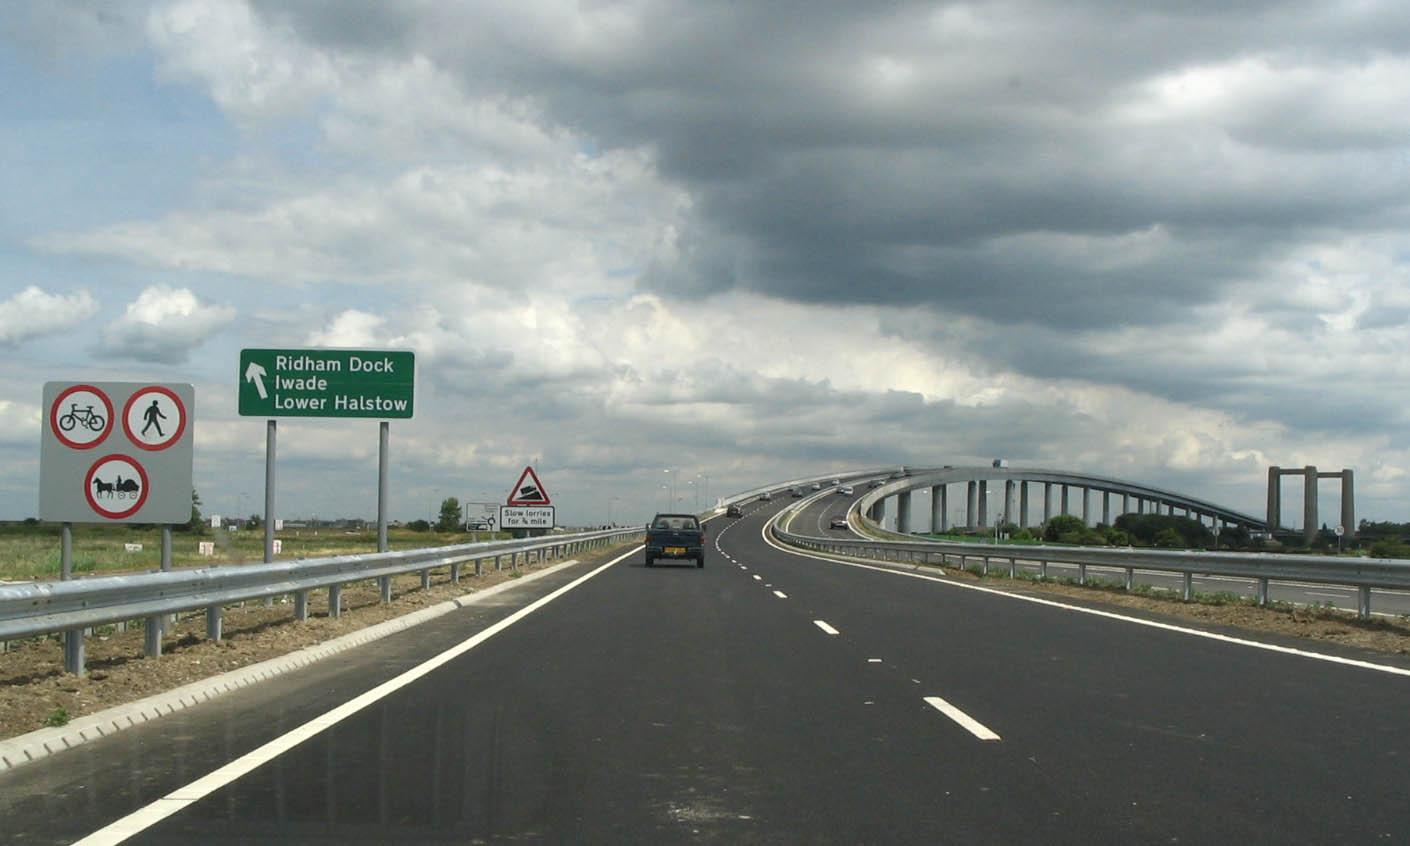 A249 road